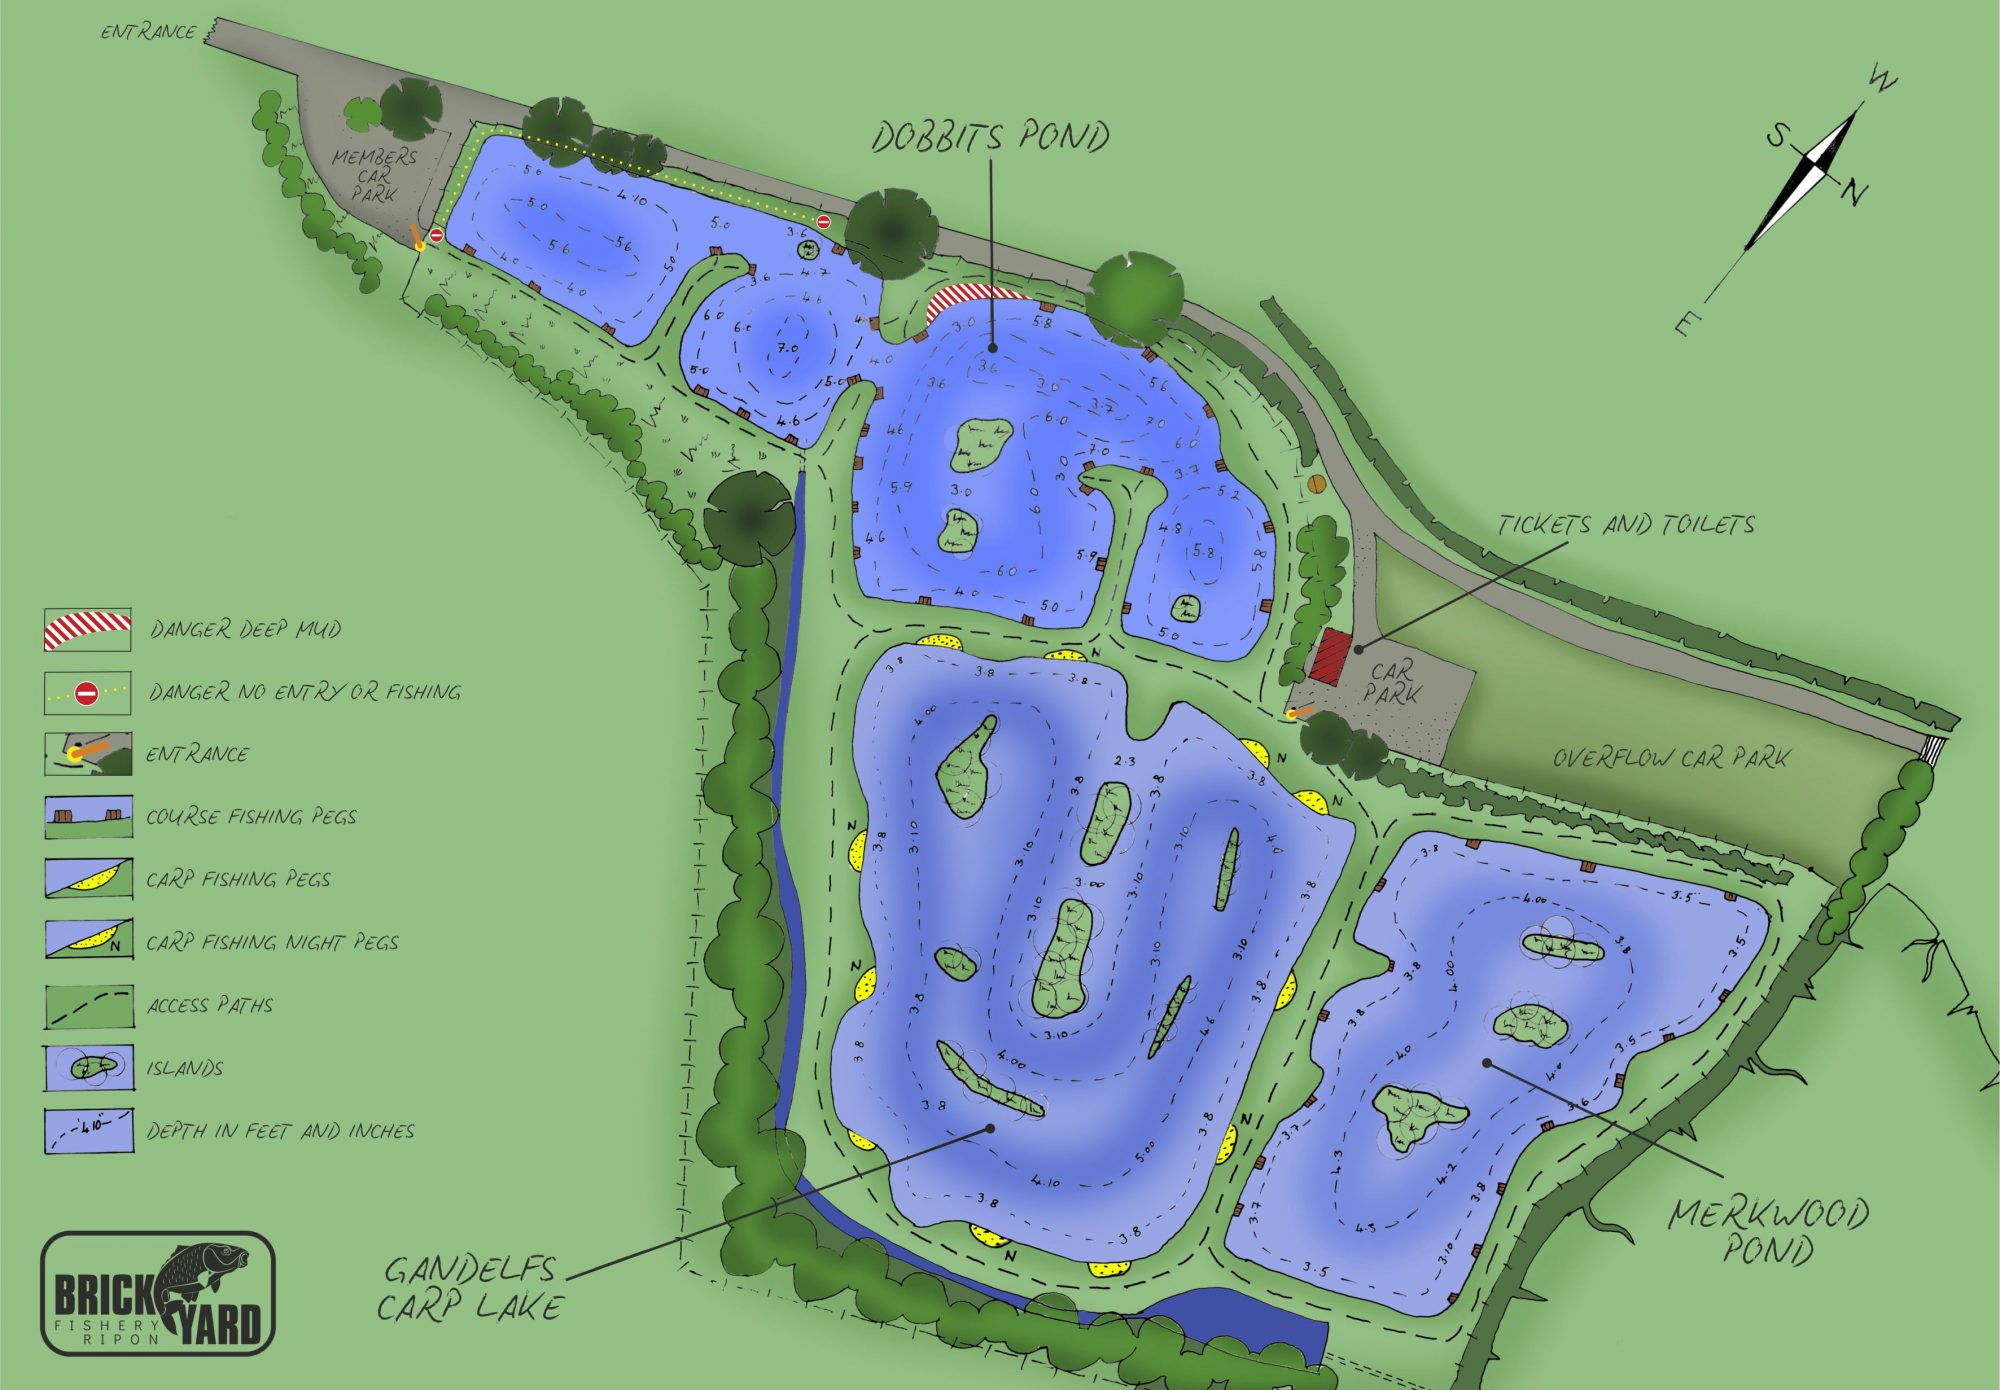 Brickyard Site Plan